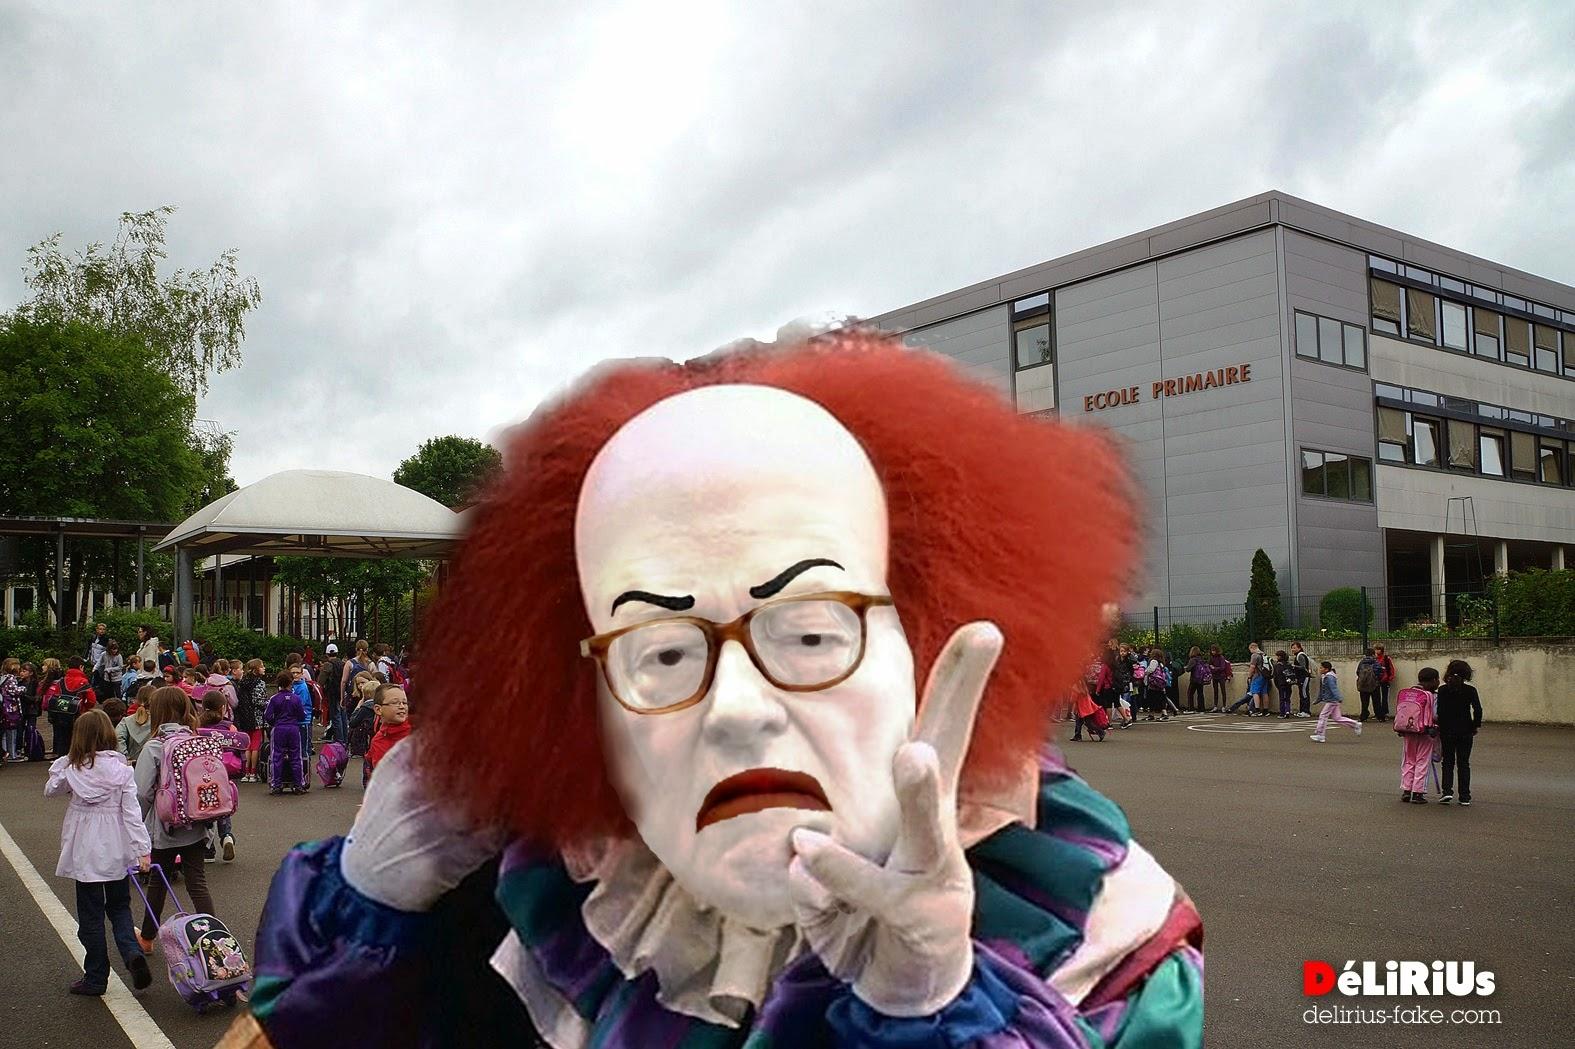 Un clown qui fait peur aux enfants et aux parents